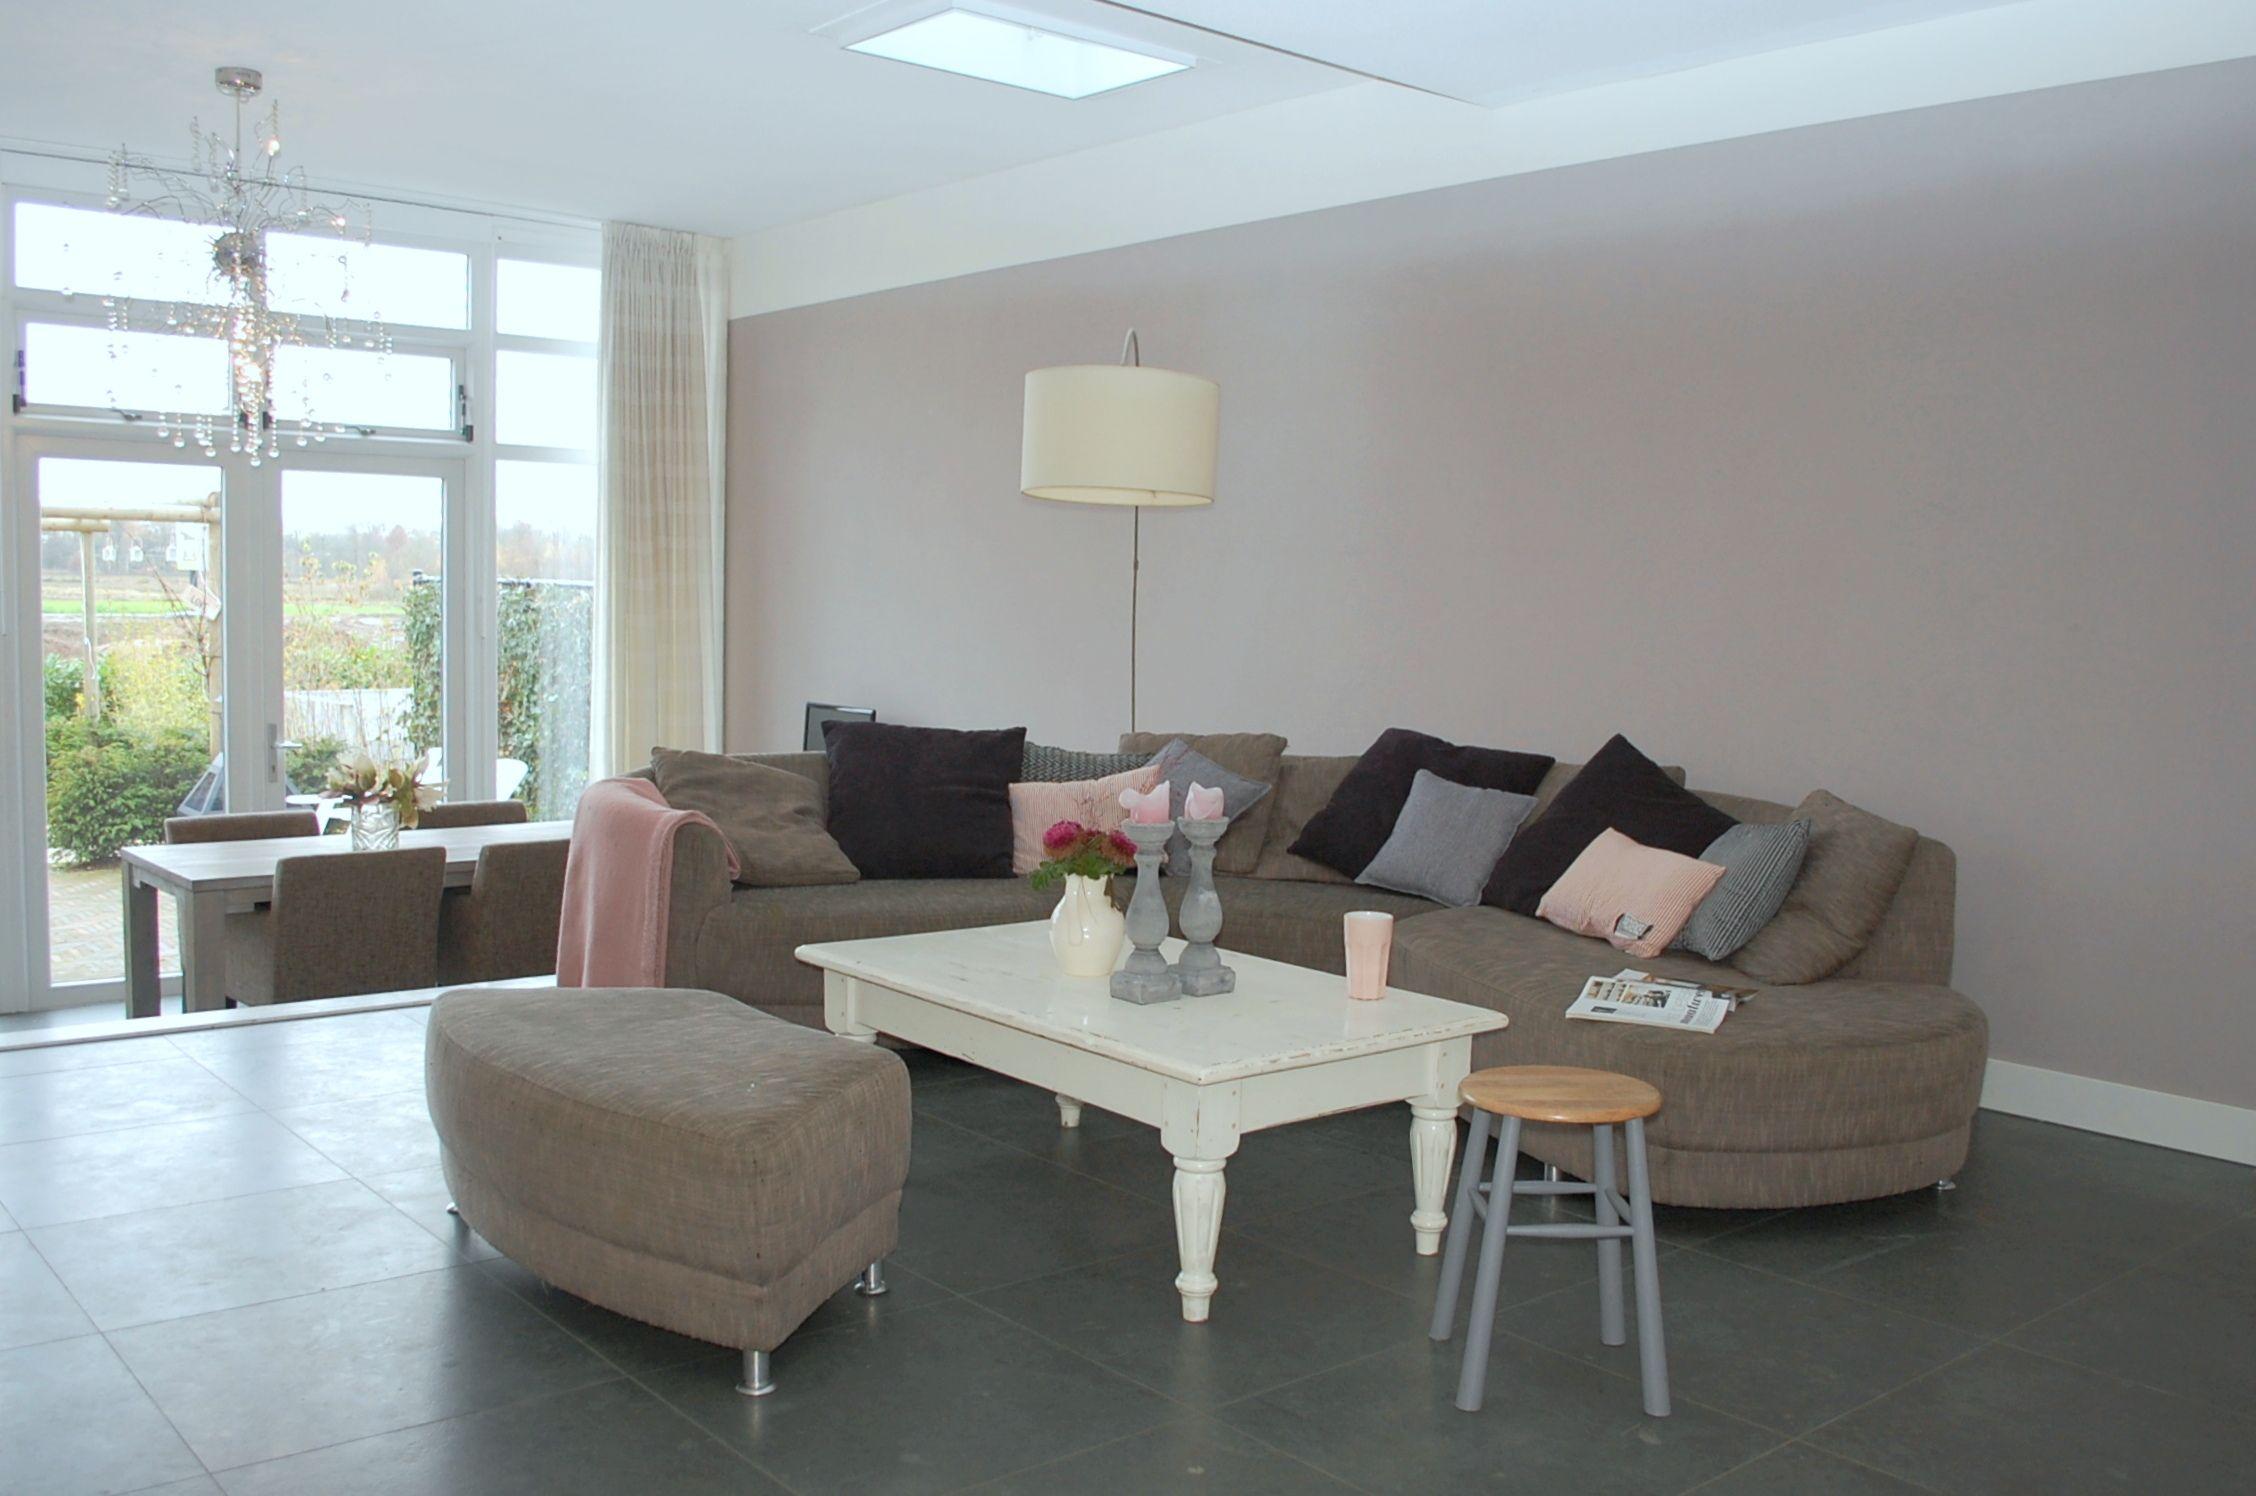 Kleuradvies woonkamer google zoeken woonkamer kleur for Taupe woonkamer